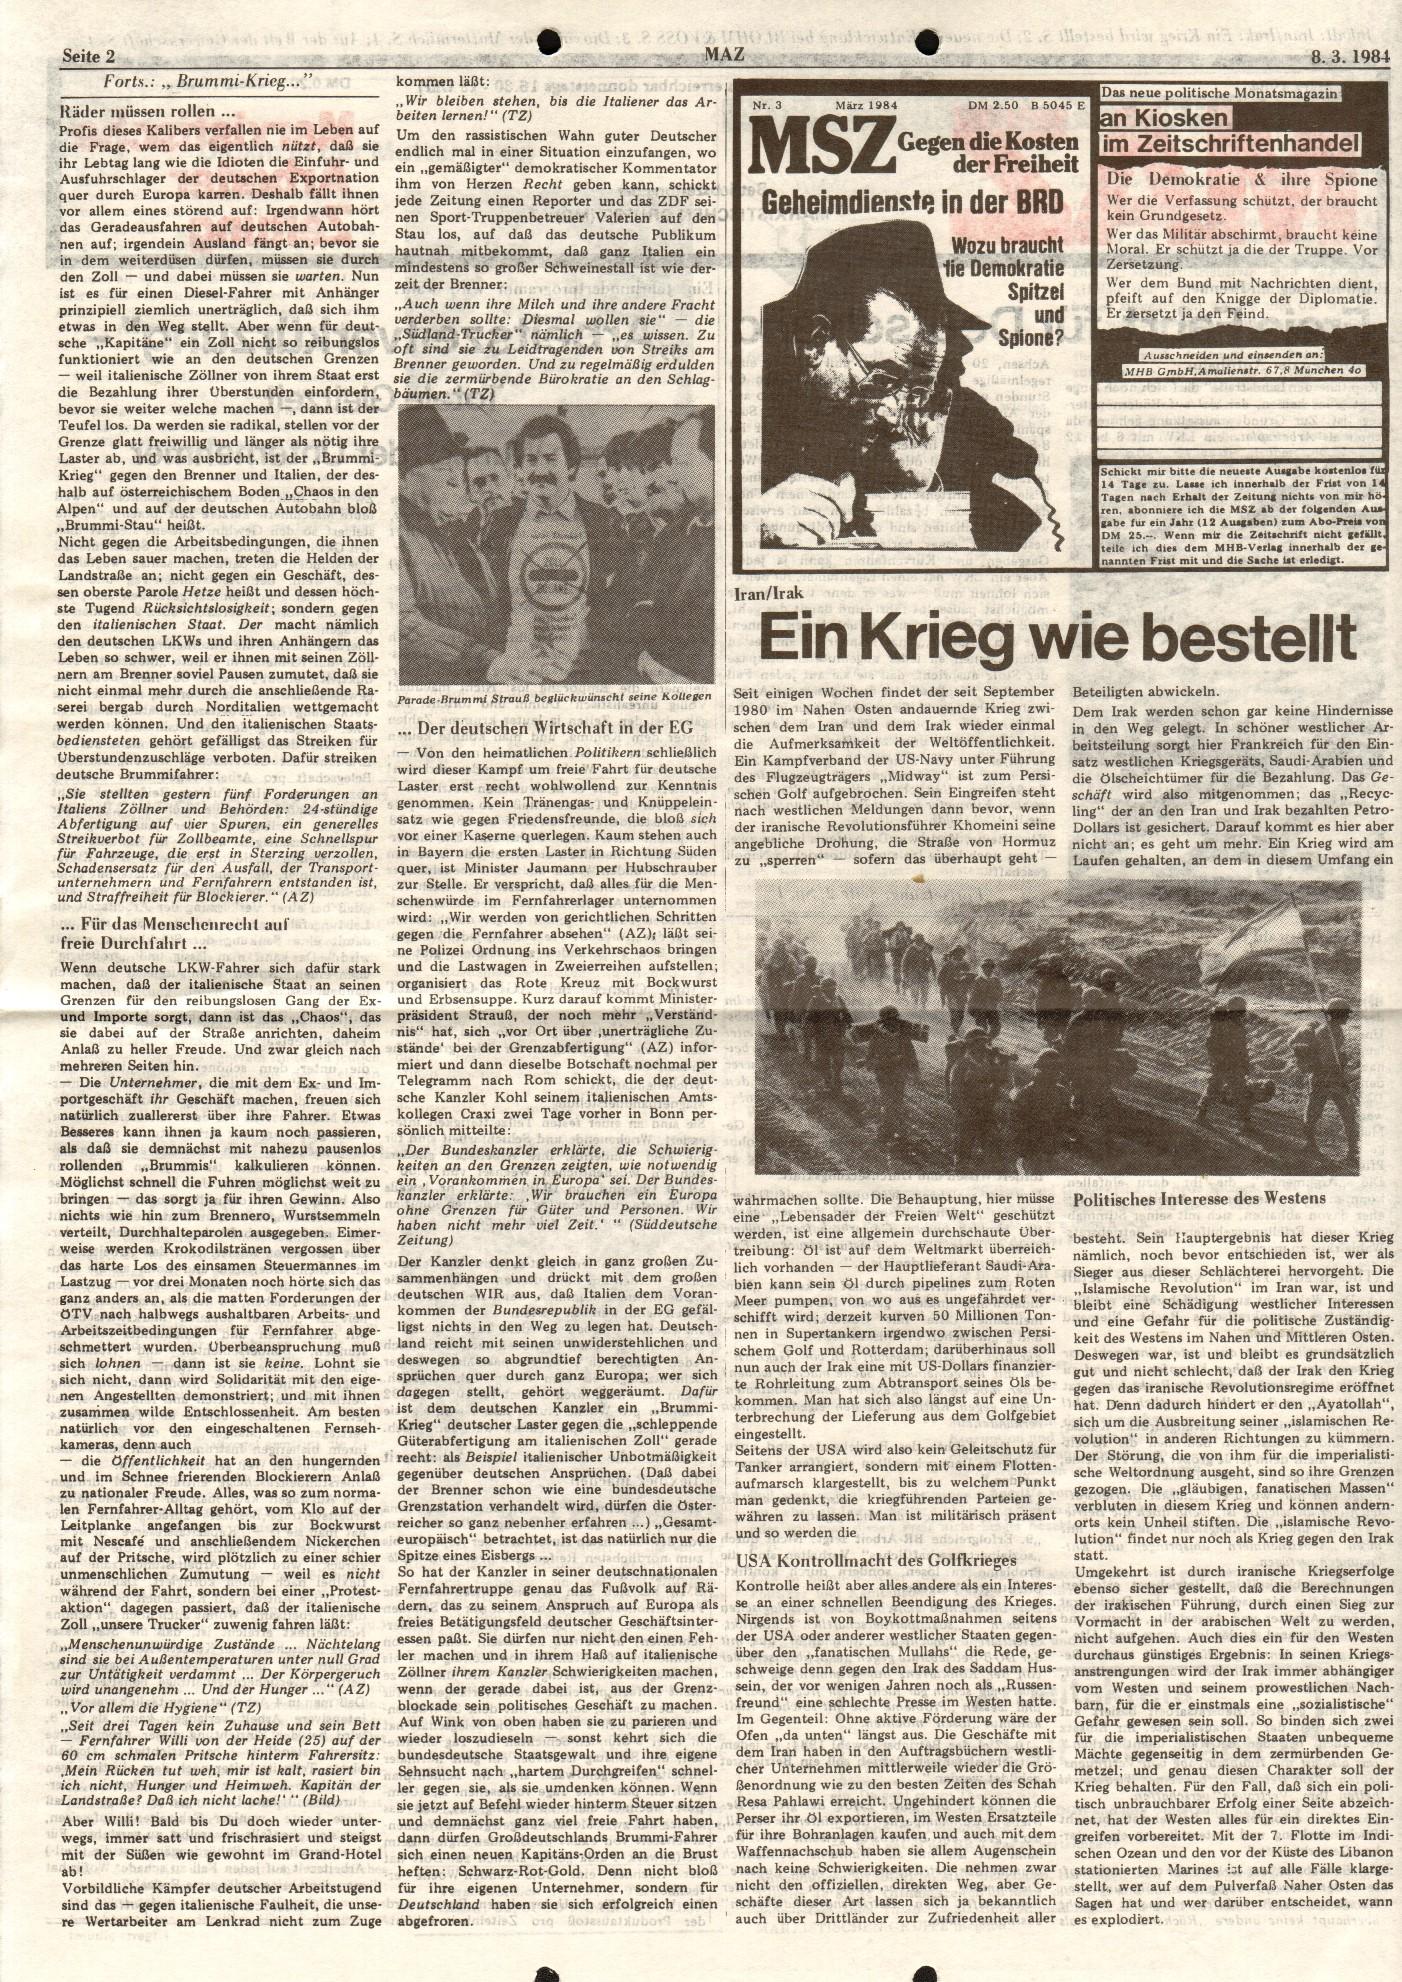 Hamburg_MG_MAZ_19840308_02